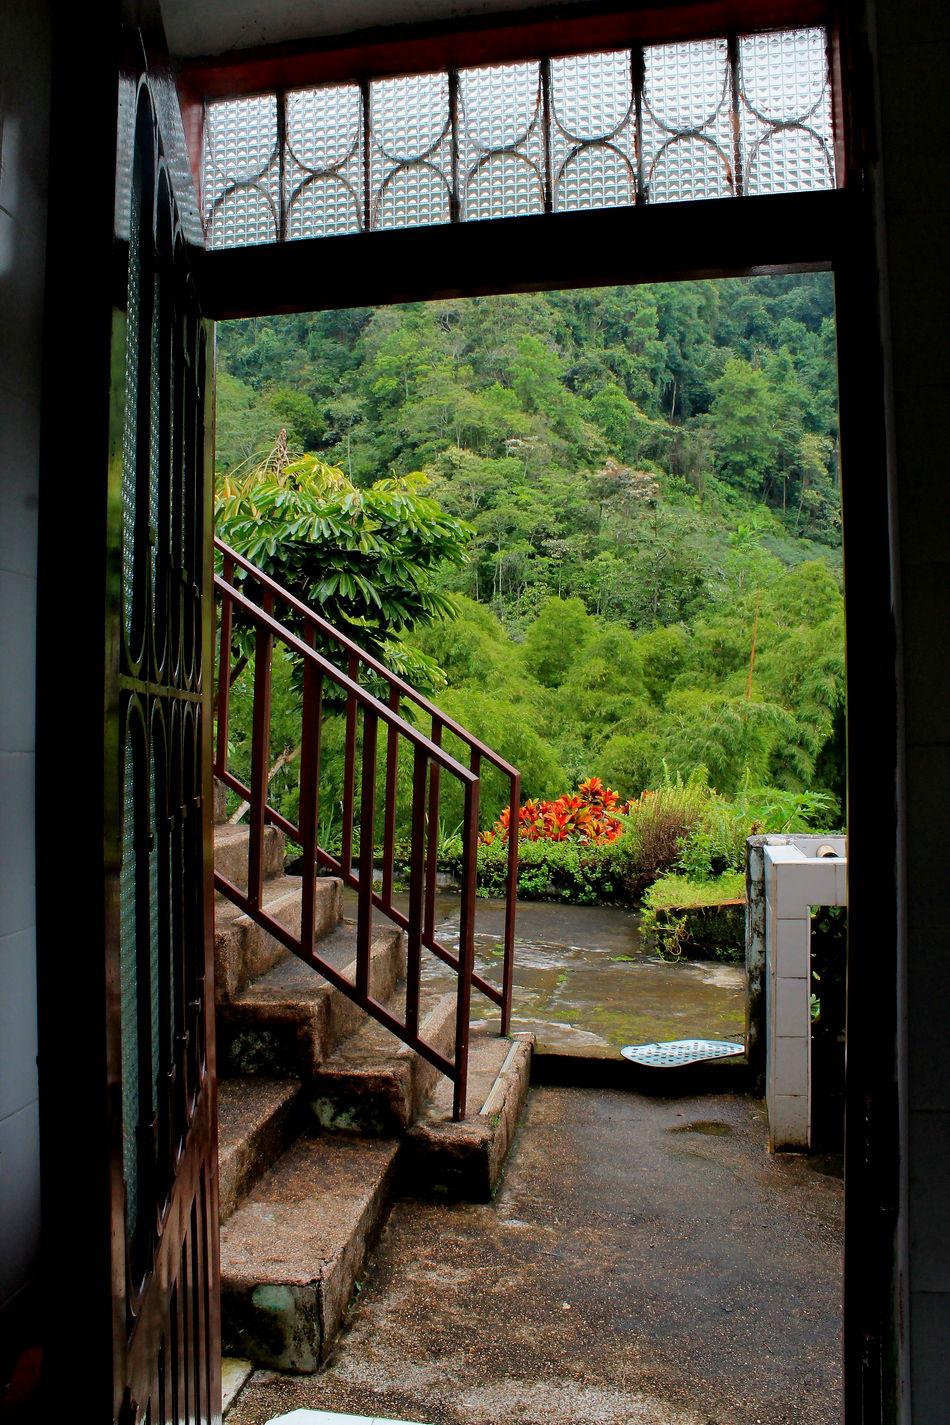 Adentro Architecture Bienvenidos Built Structure Day Entrada Entrar Indoors  Mundo Nature No People Railing S Selva Tree Vida